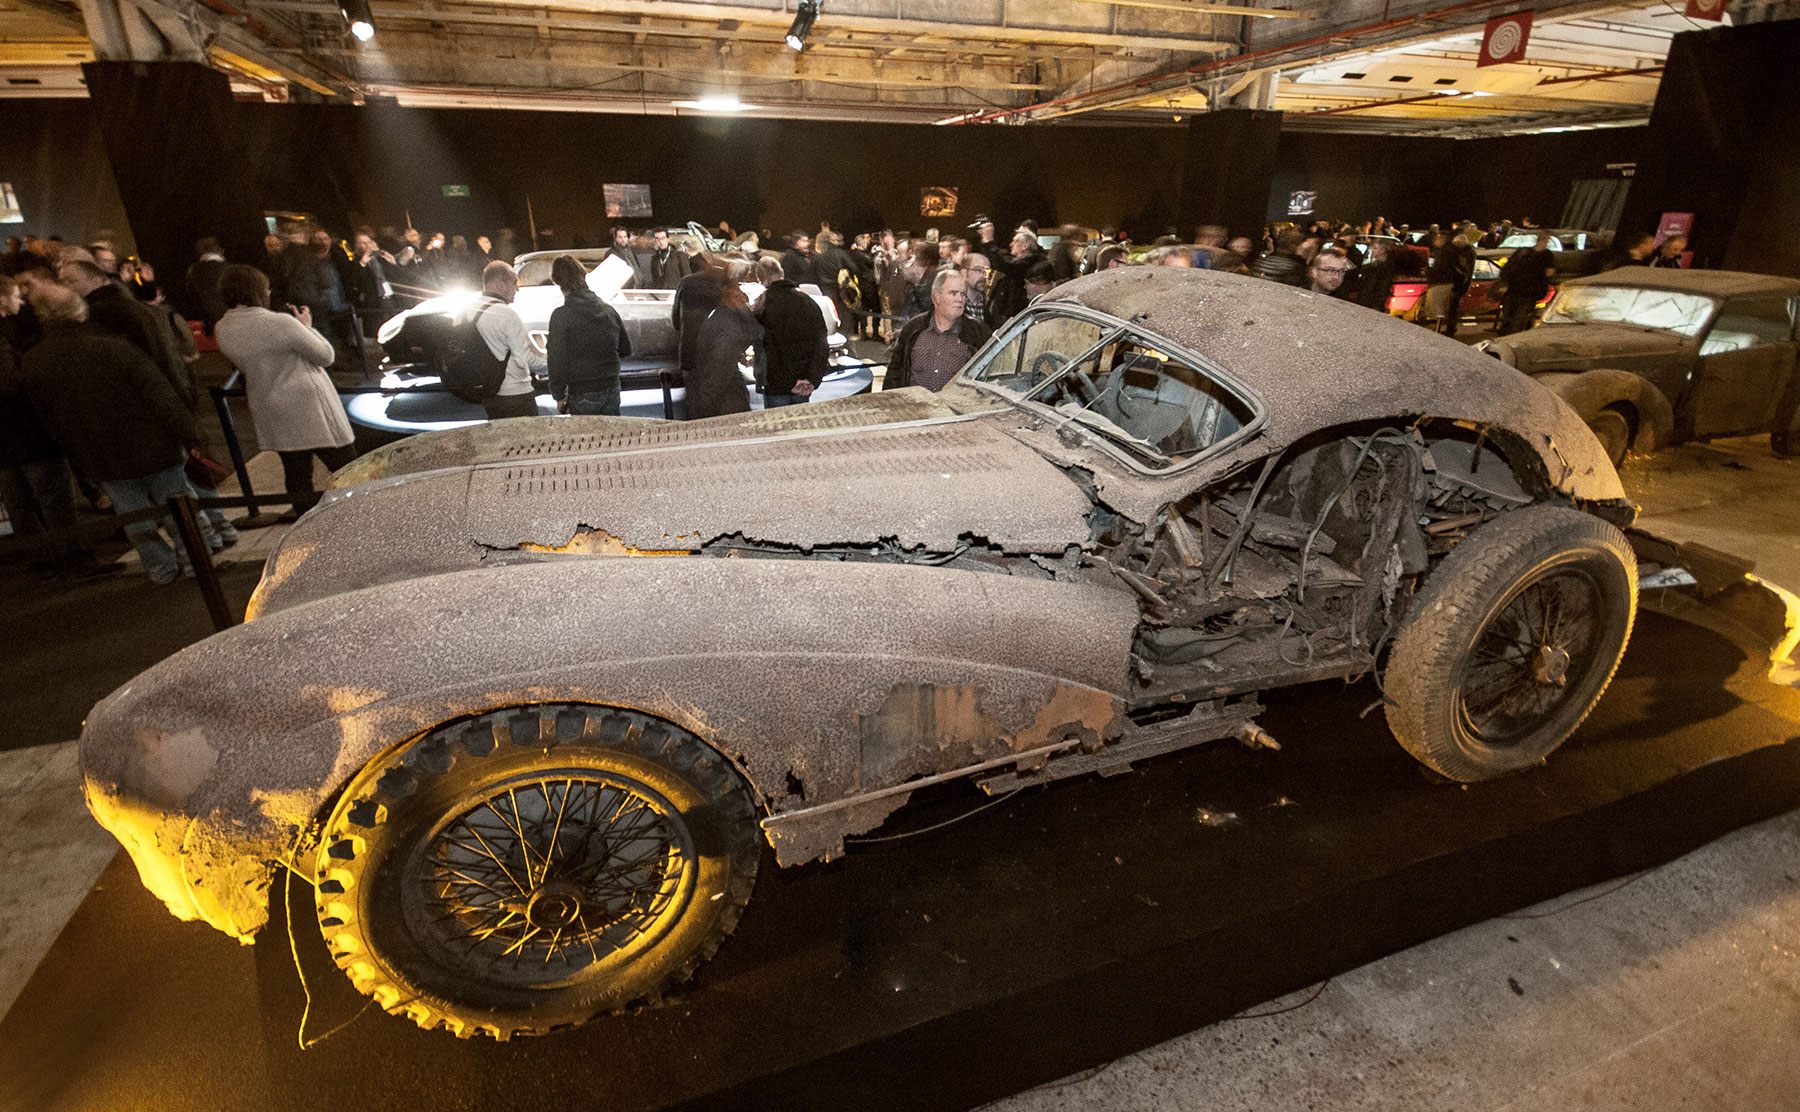 6 février. Découvertes quelques mois plus tôt, les automobiles de la désormais célèbre collection Baillon sont mises en vente aux enchères pendant le salon Rétromobile. La Ferrari 250 GT qui aurait appartenu à Alain Delon battra même un record du monde à 14.2 millions d'euros.